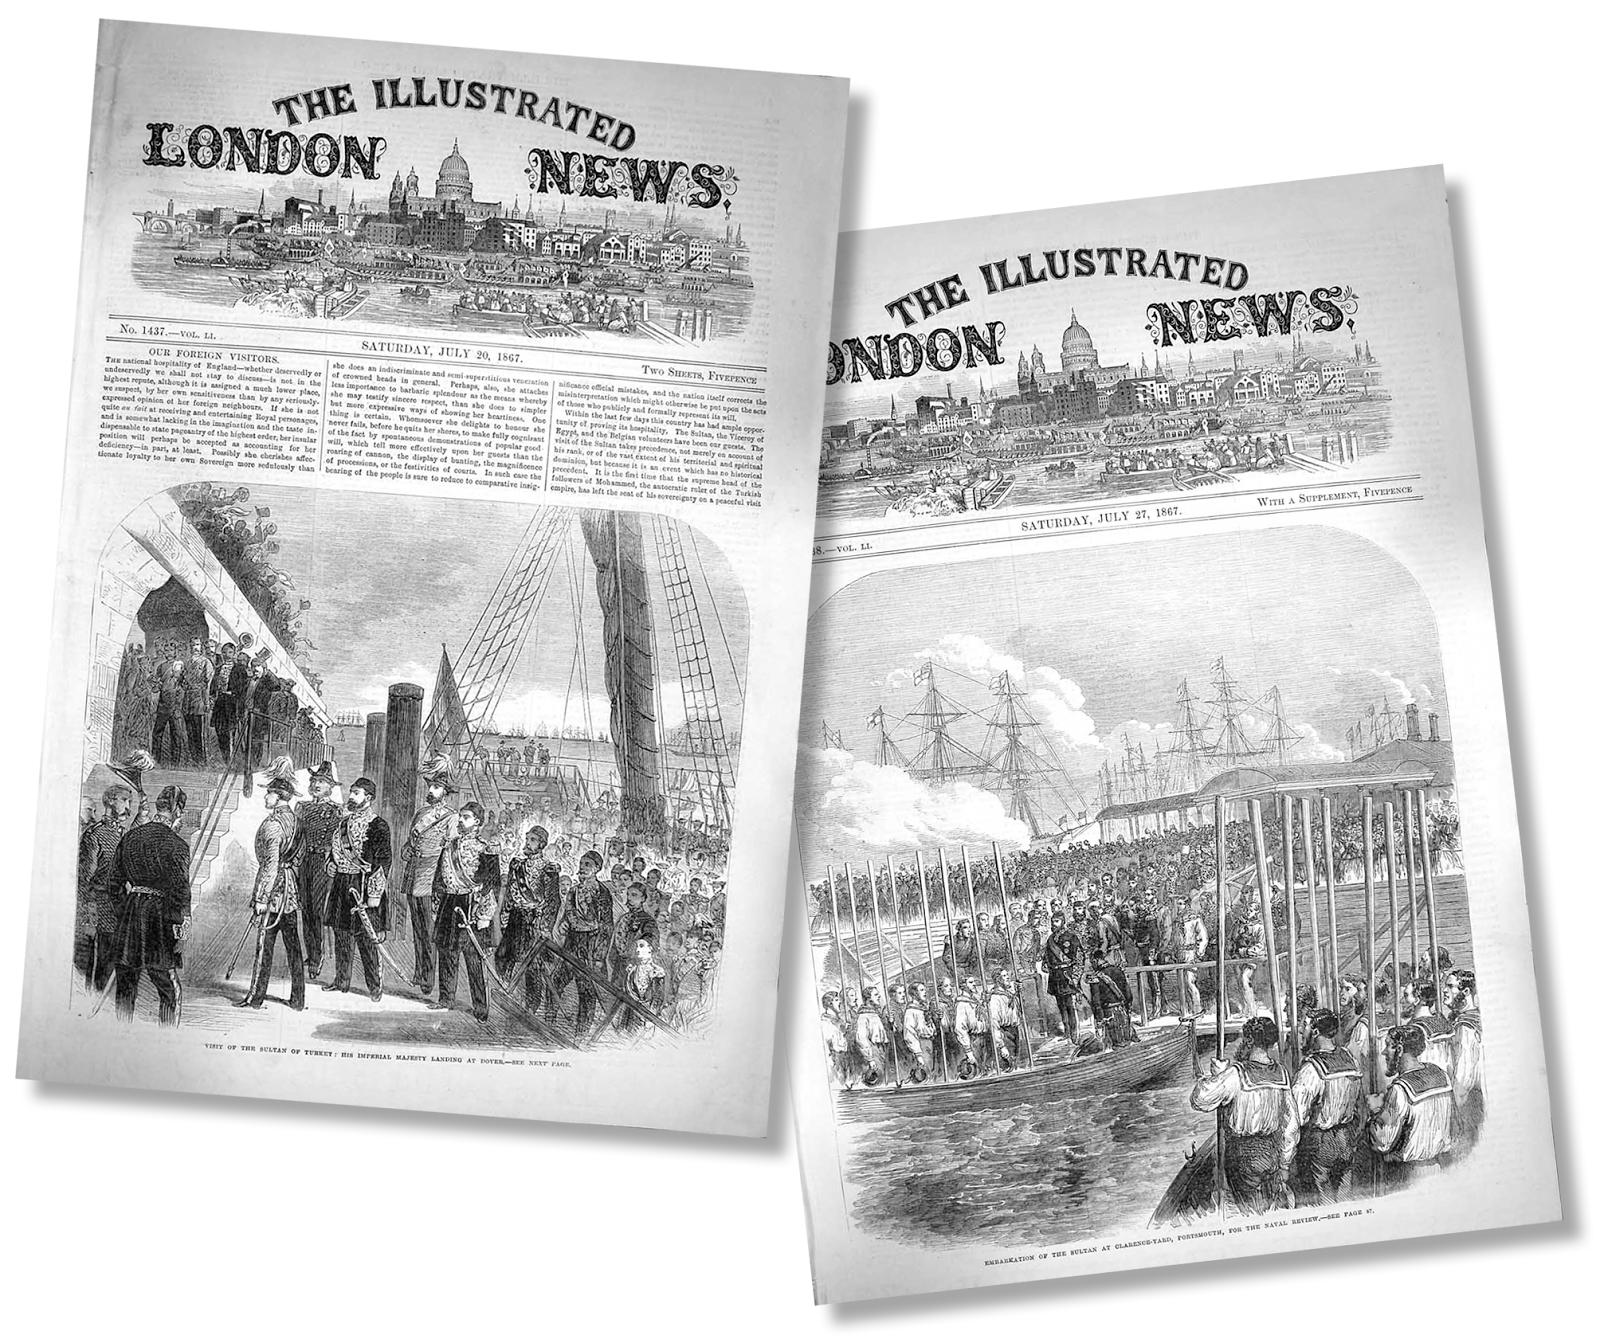 Sultan Aziz Londra Da. Sultan Abdülazizin Londra Ziyareti Sırasında. Londra Gazeteleri De Bu Ziyarete Fazlaca Ilgi Göstermişti. 20 Ve 27 Temmuz 1867 Tarihli The Illustrated